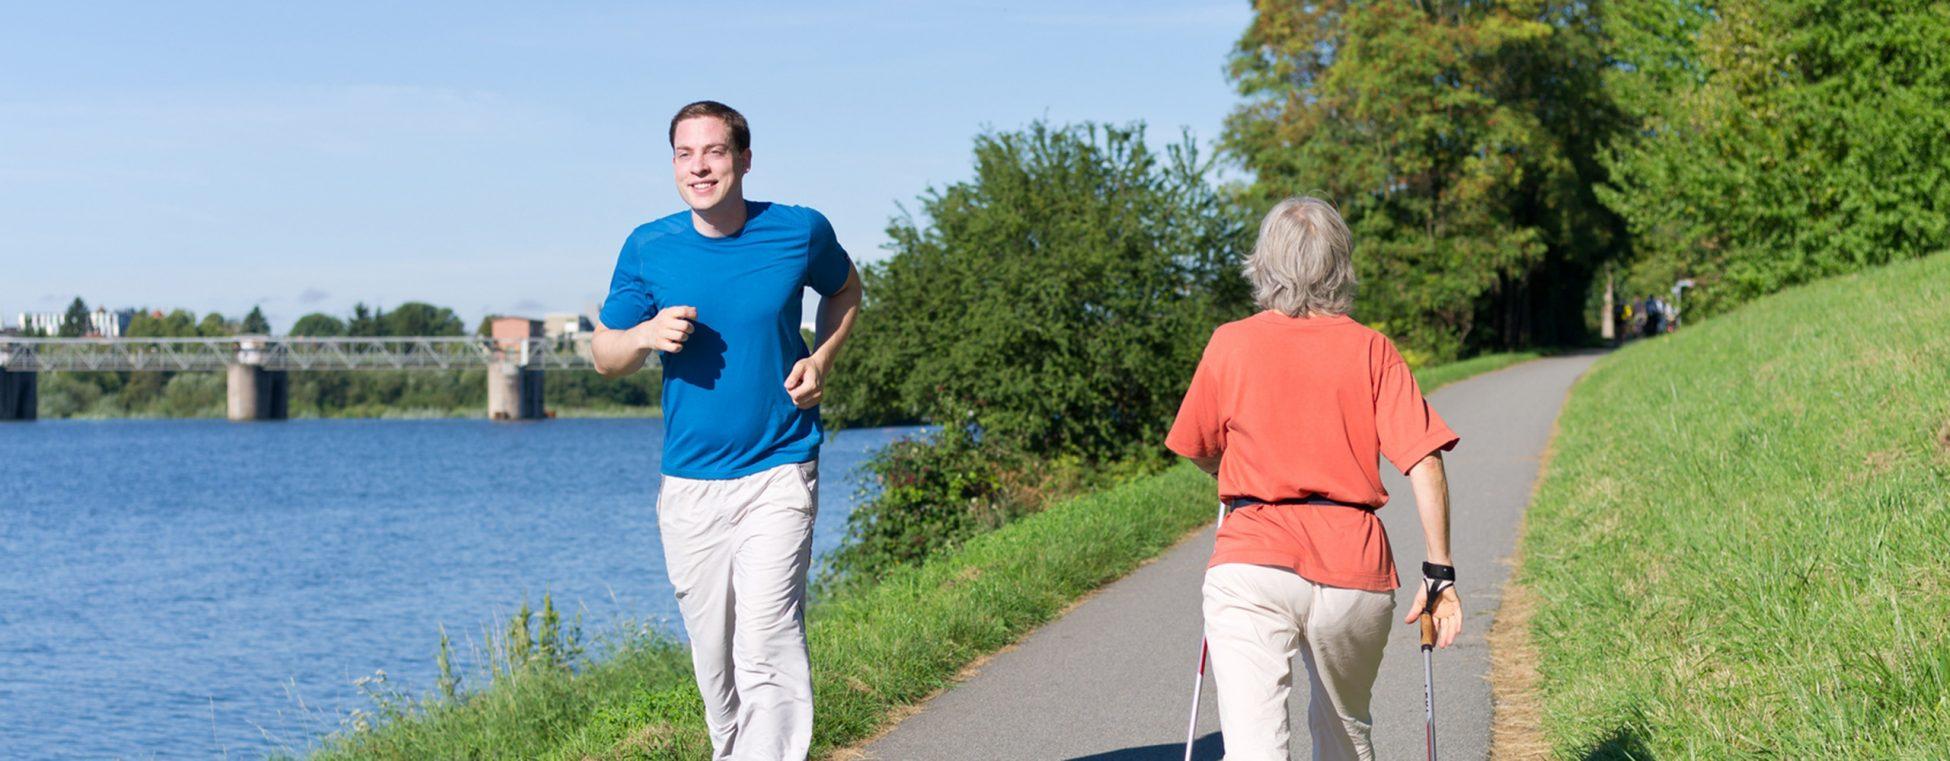 Bewegung - Läufer und Walkerin